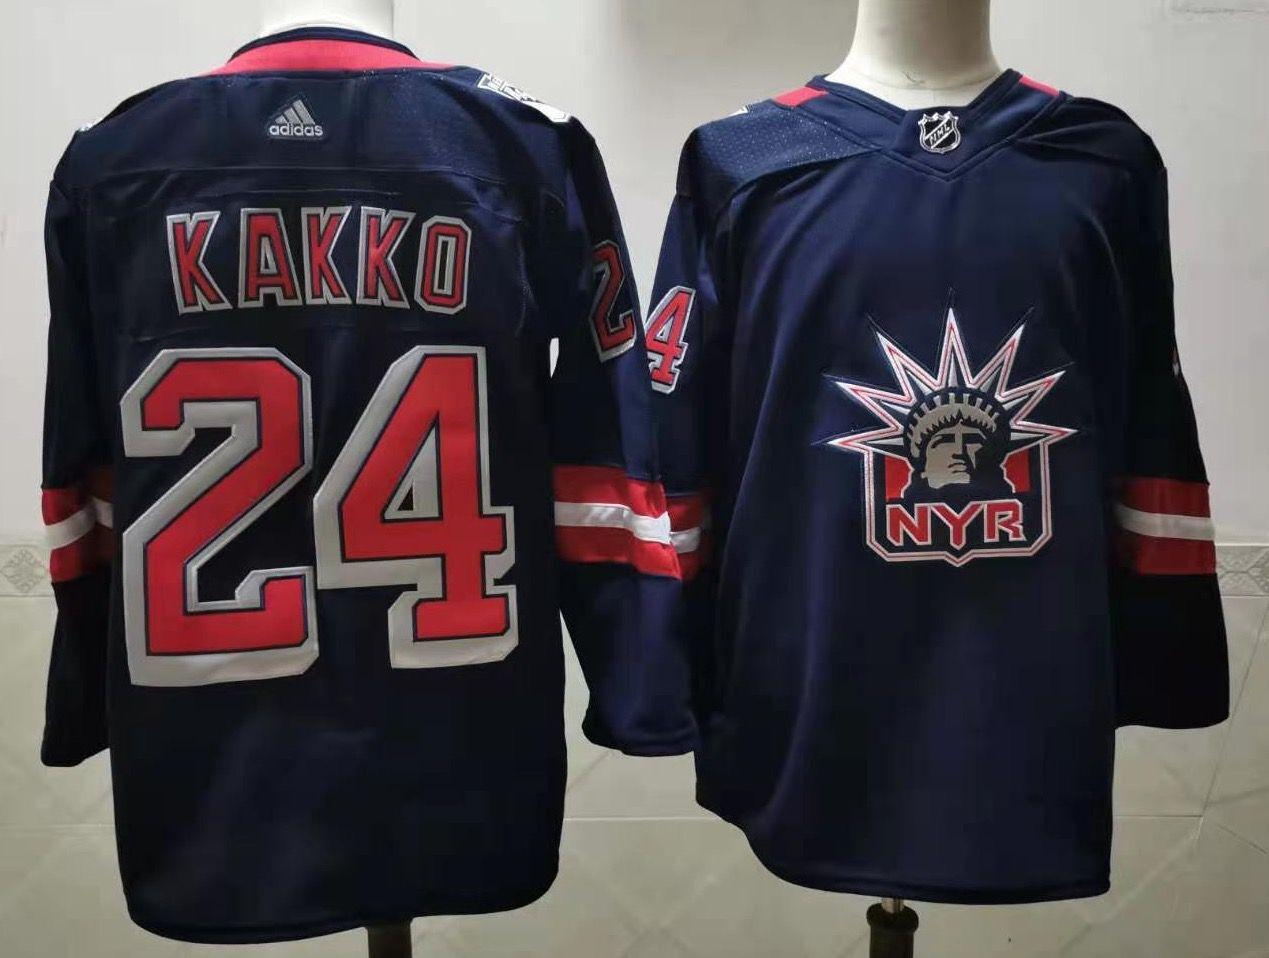 Men's New York Rangers #24 Kaapo Kakko Navy Blue Adidas 2020-21 Stitched NHL Jersey